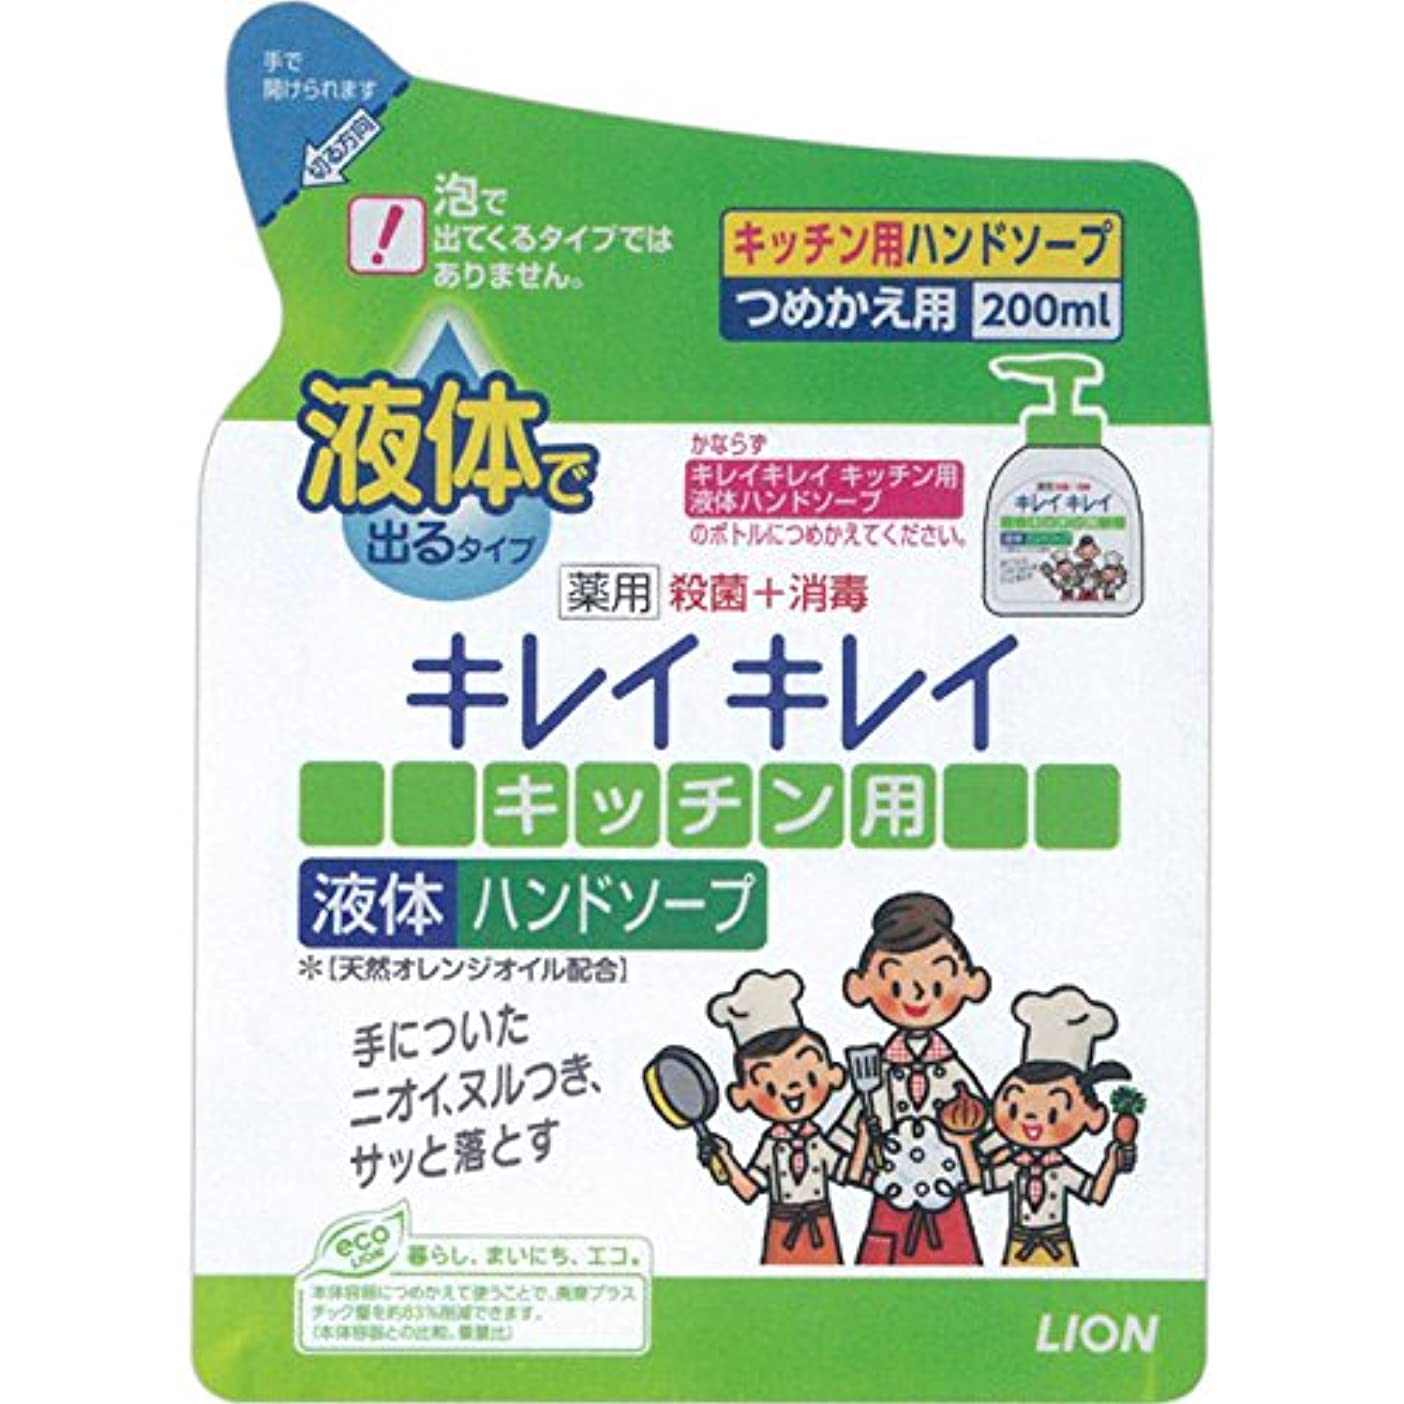 スピーカーキャリッジ通訳キレイキレイ 薬用キッチンハンドソープ 詰替用200ml